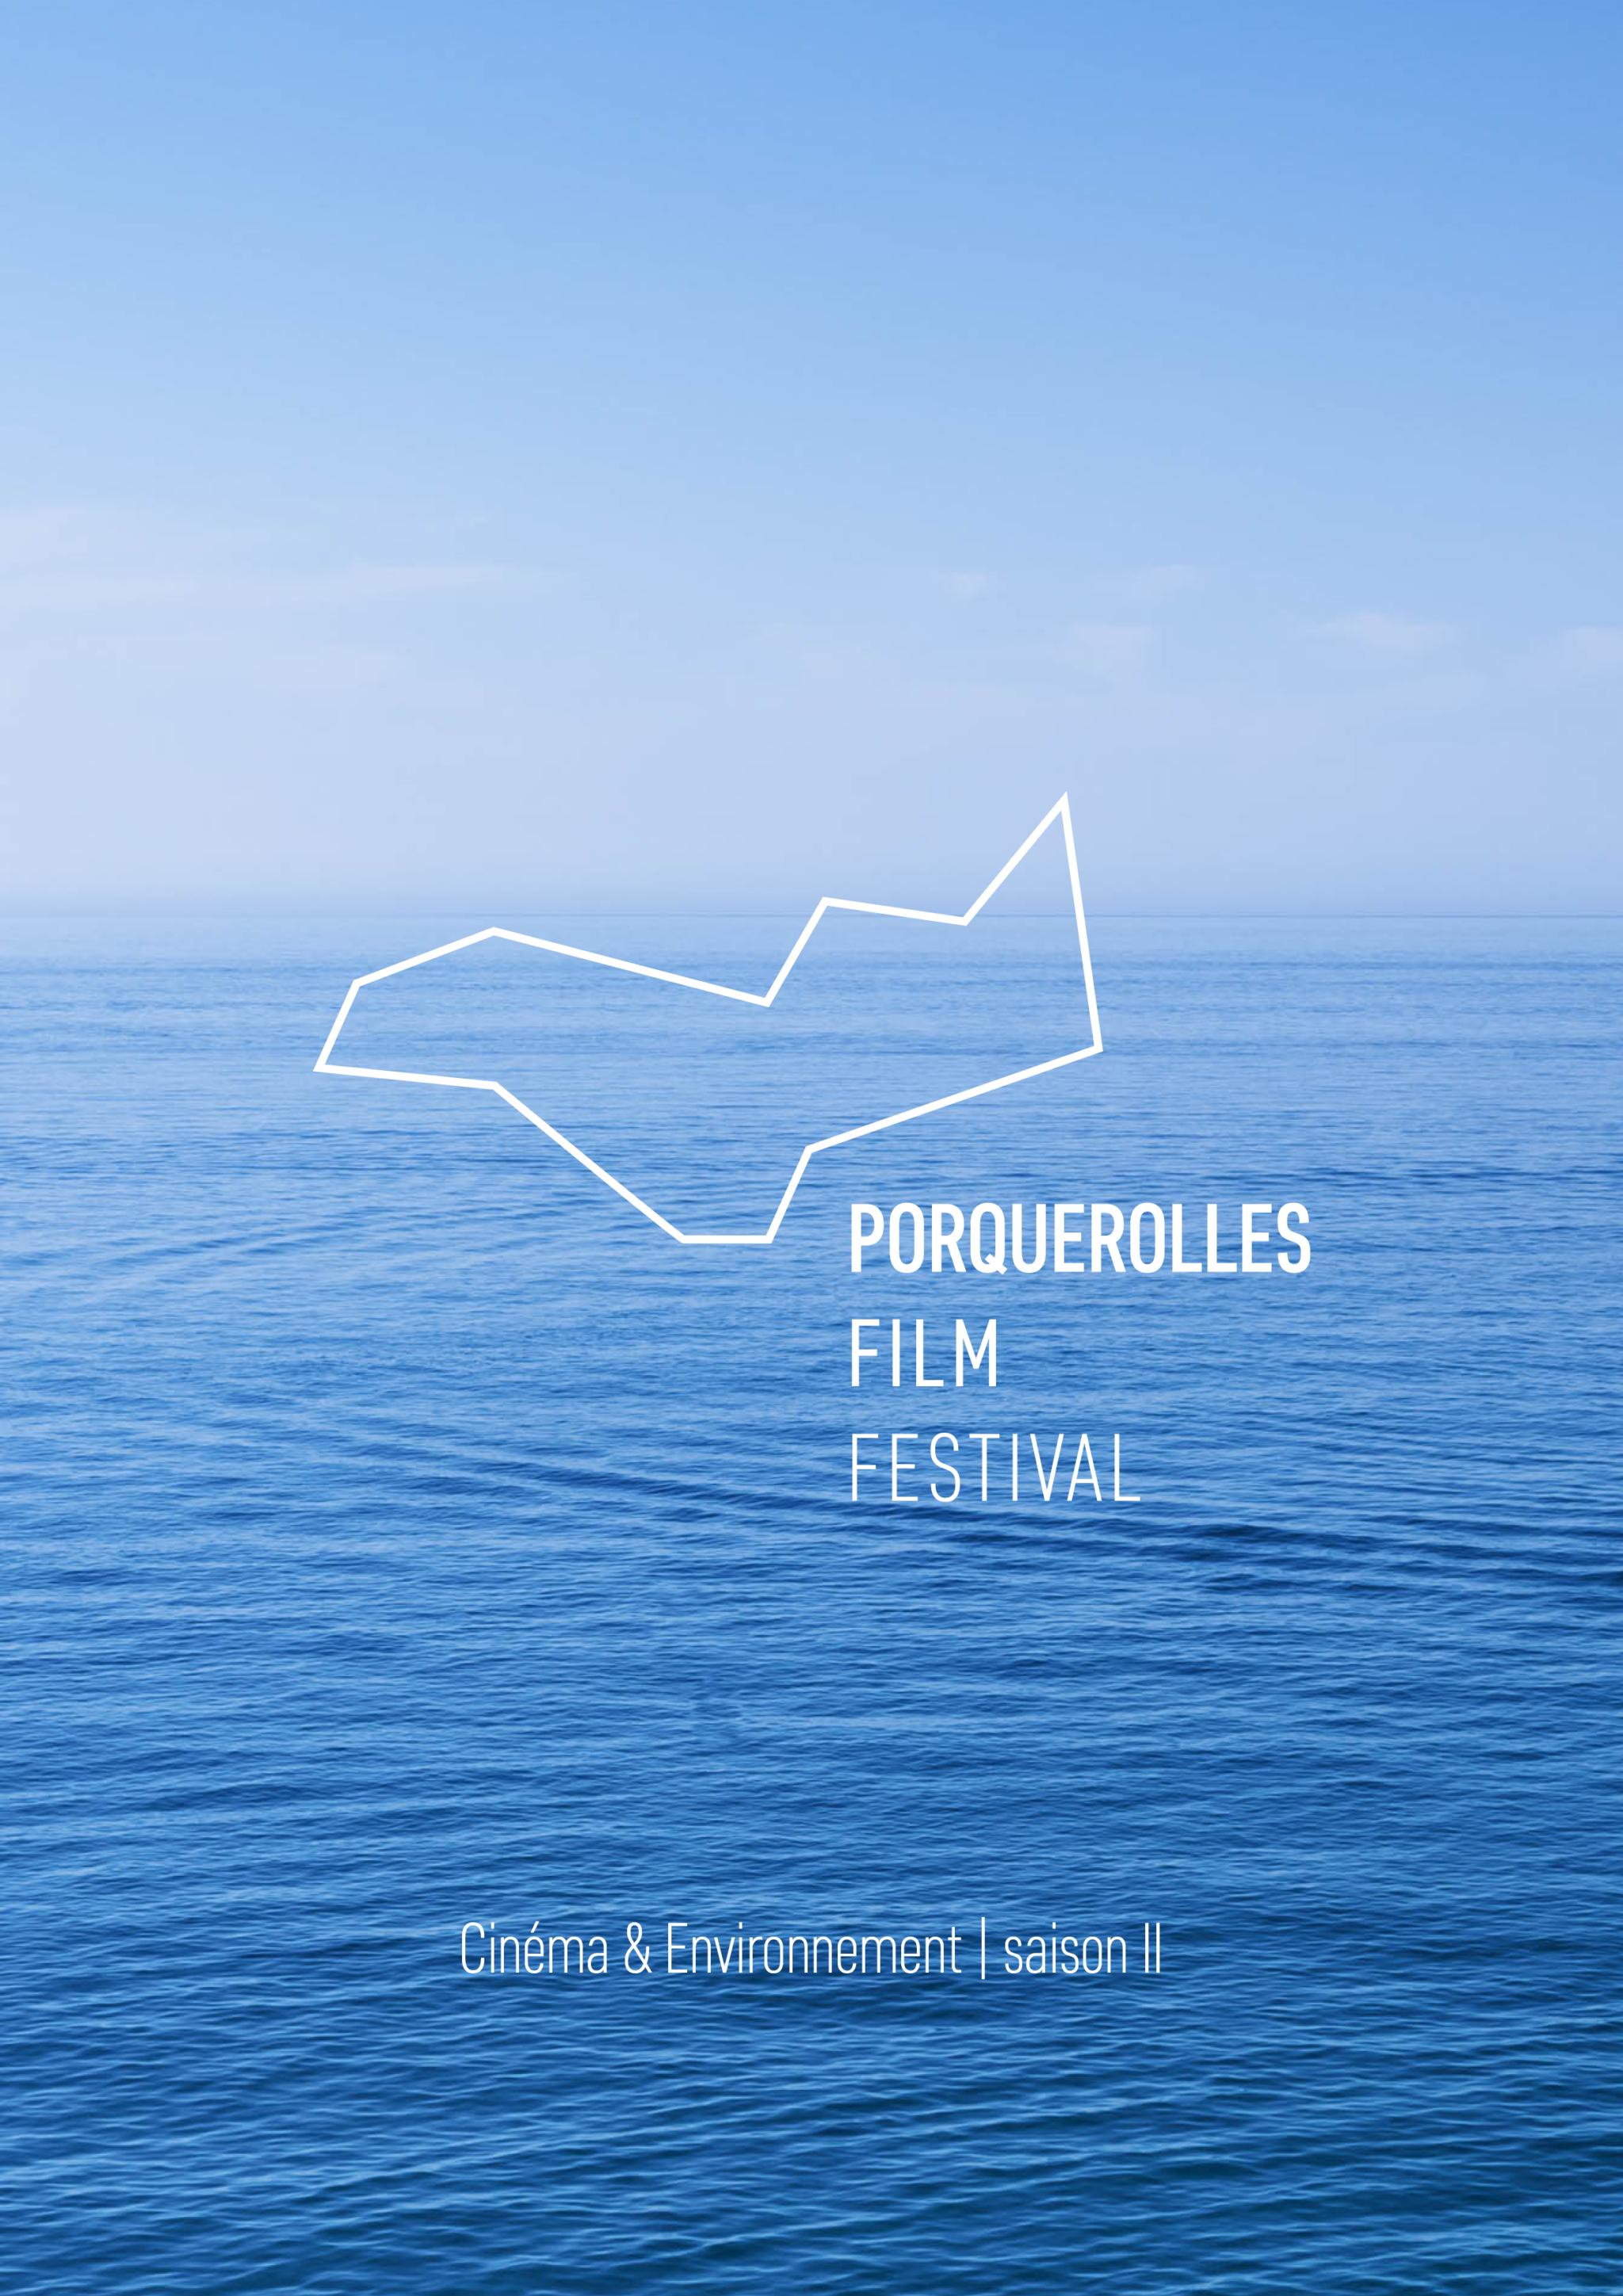 Porquerolles Film Festival 2021